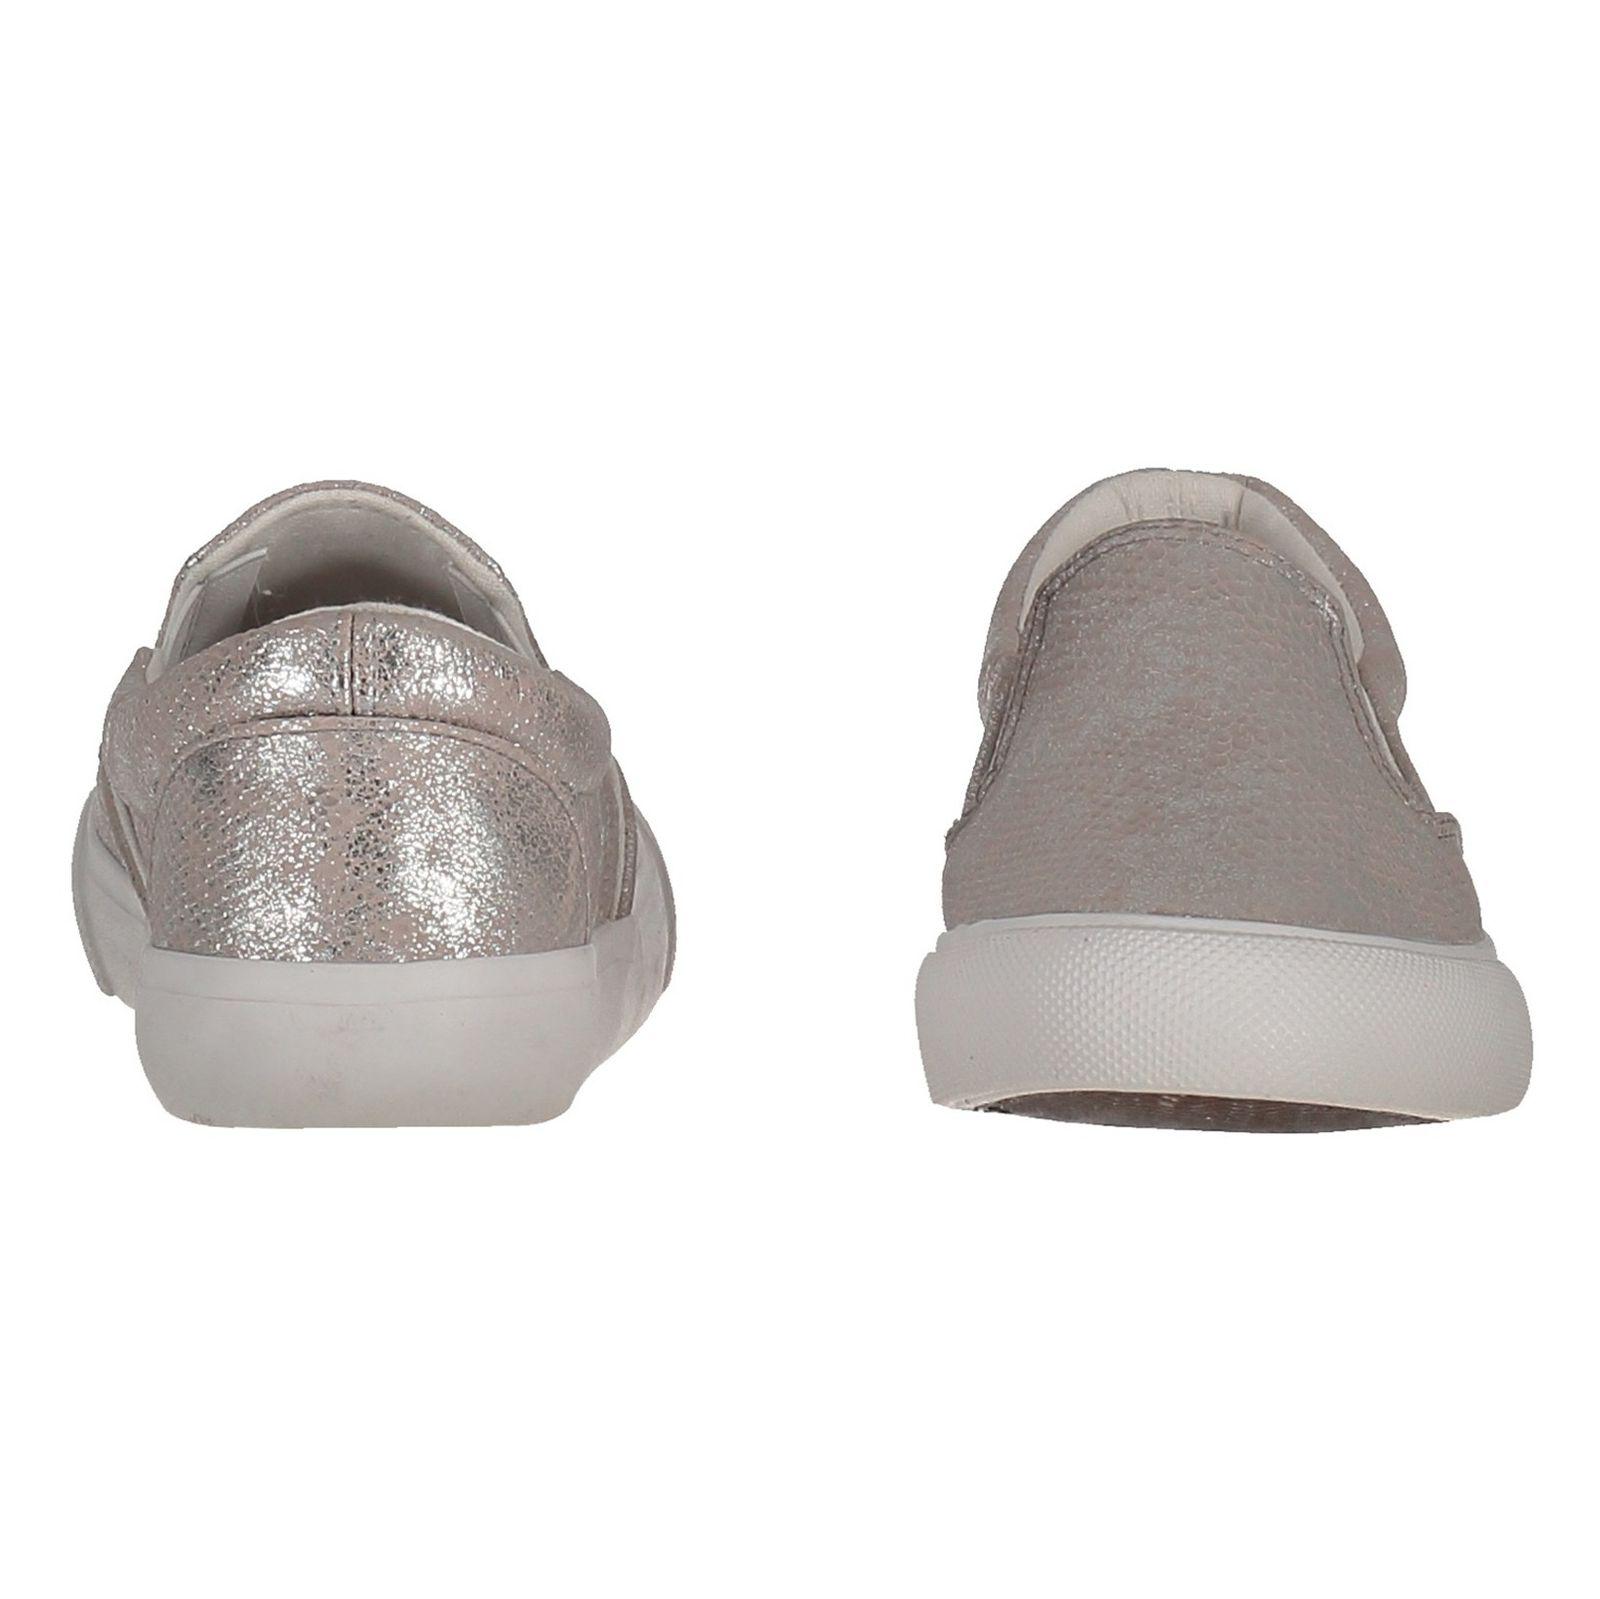 کفش تخت پارچه ای زنانه - نیو لوک - نقره اي - 5